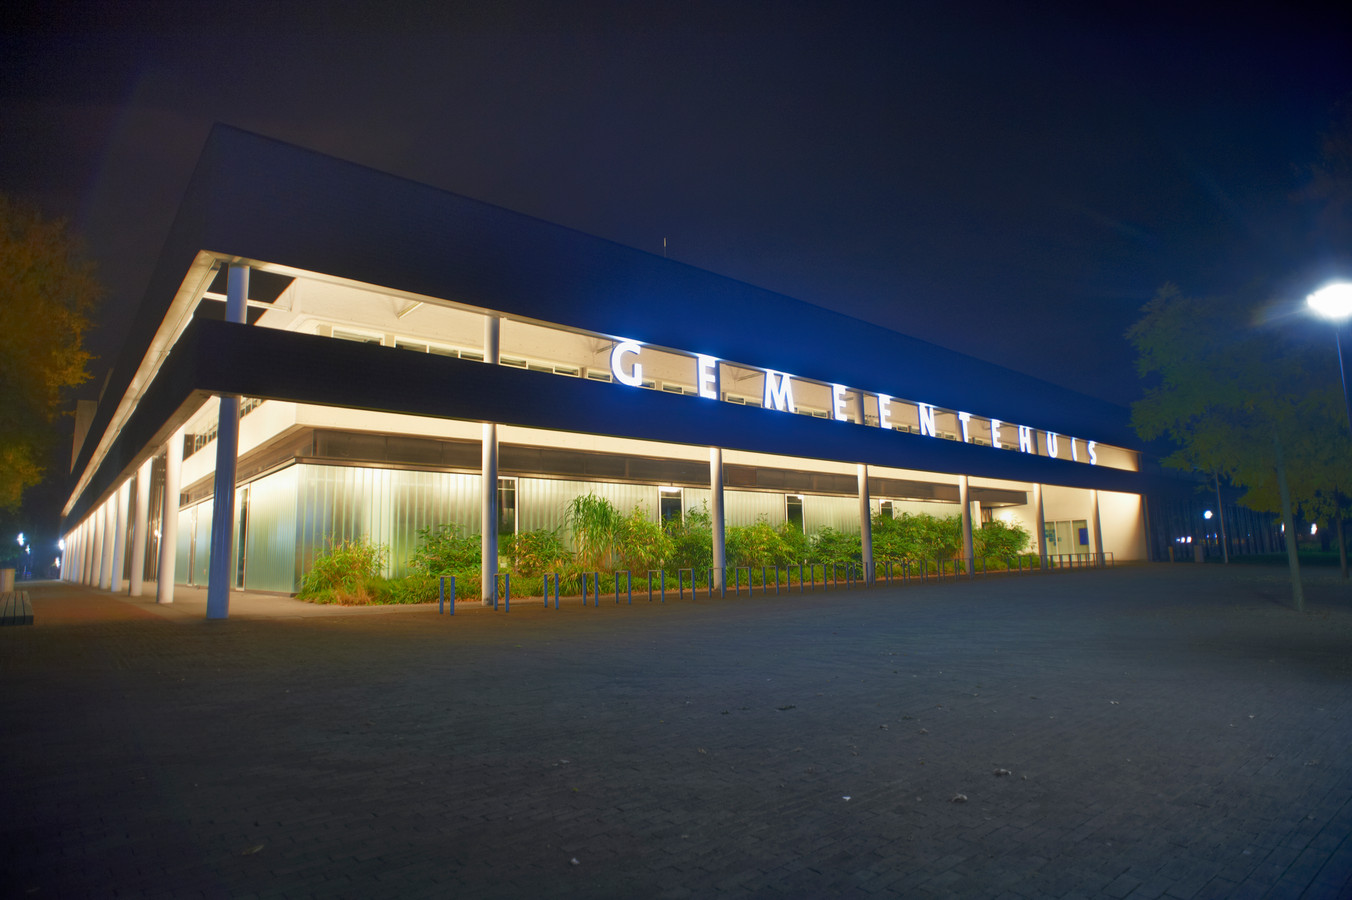 Het gemeentehuis van Oss, winnaar van de tweede editie van 'het mooiste gebouw van Oss'.